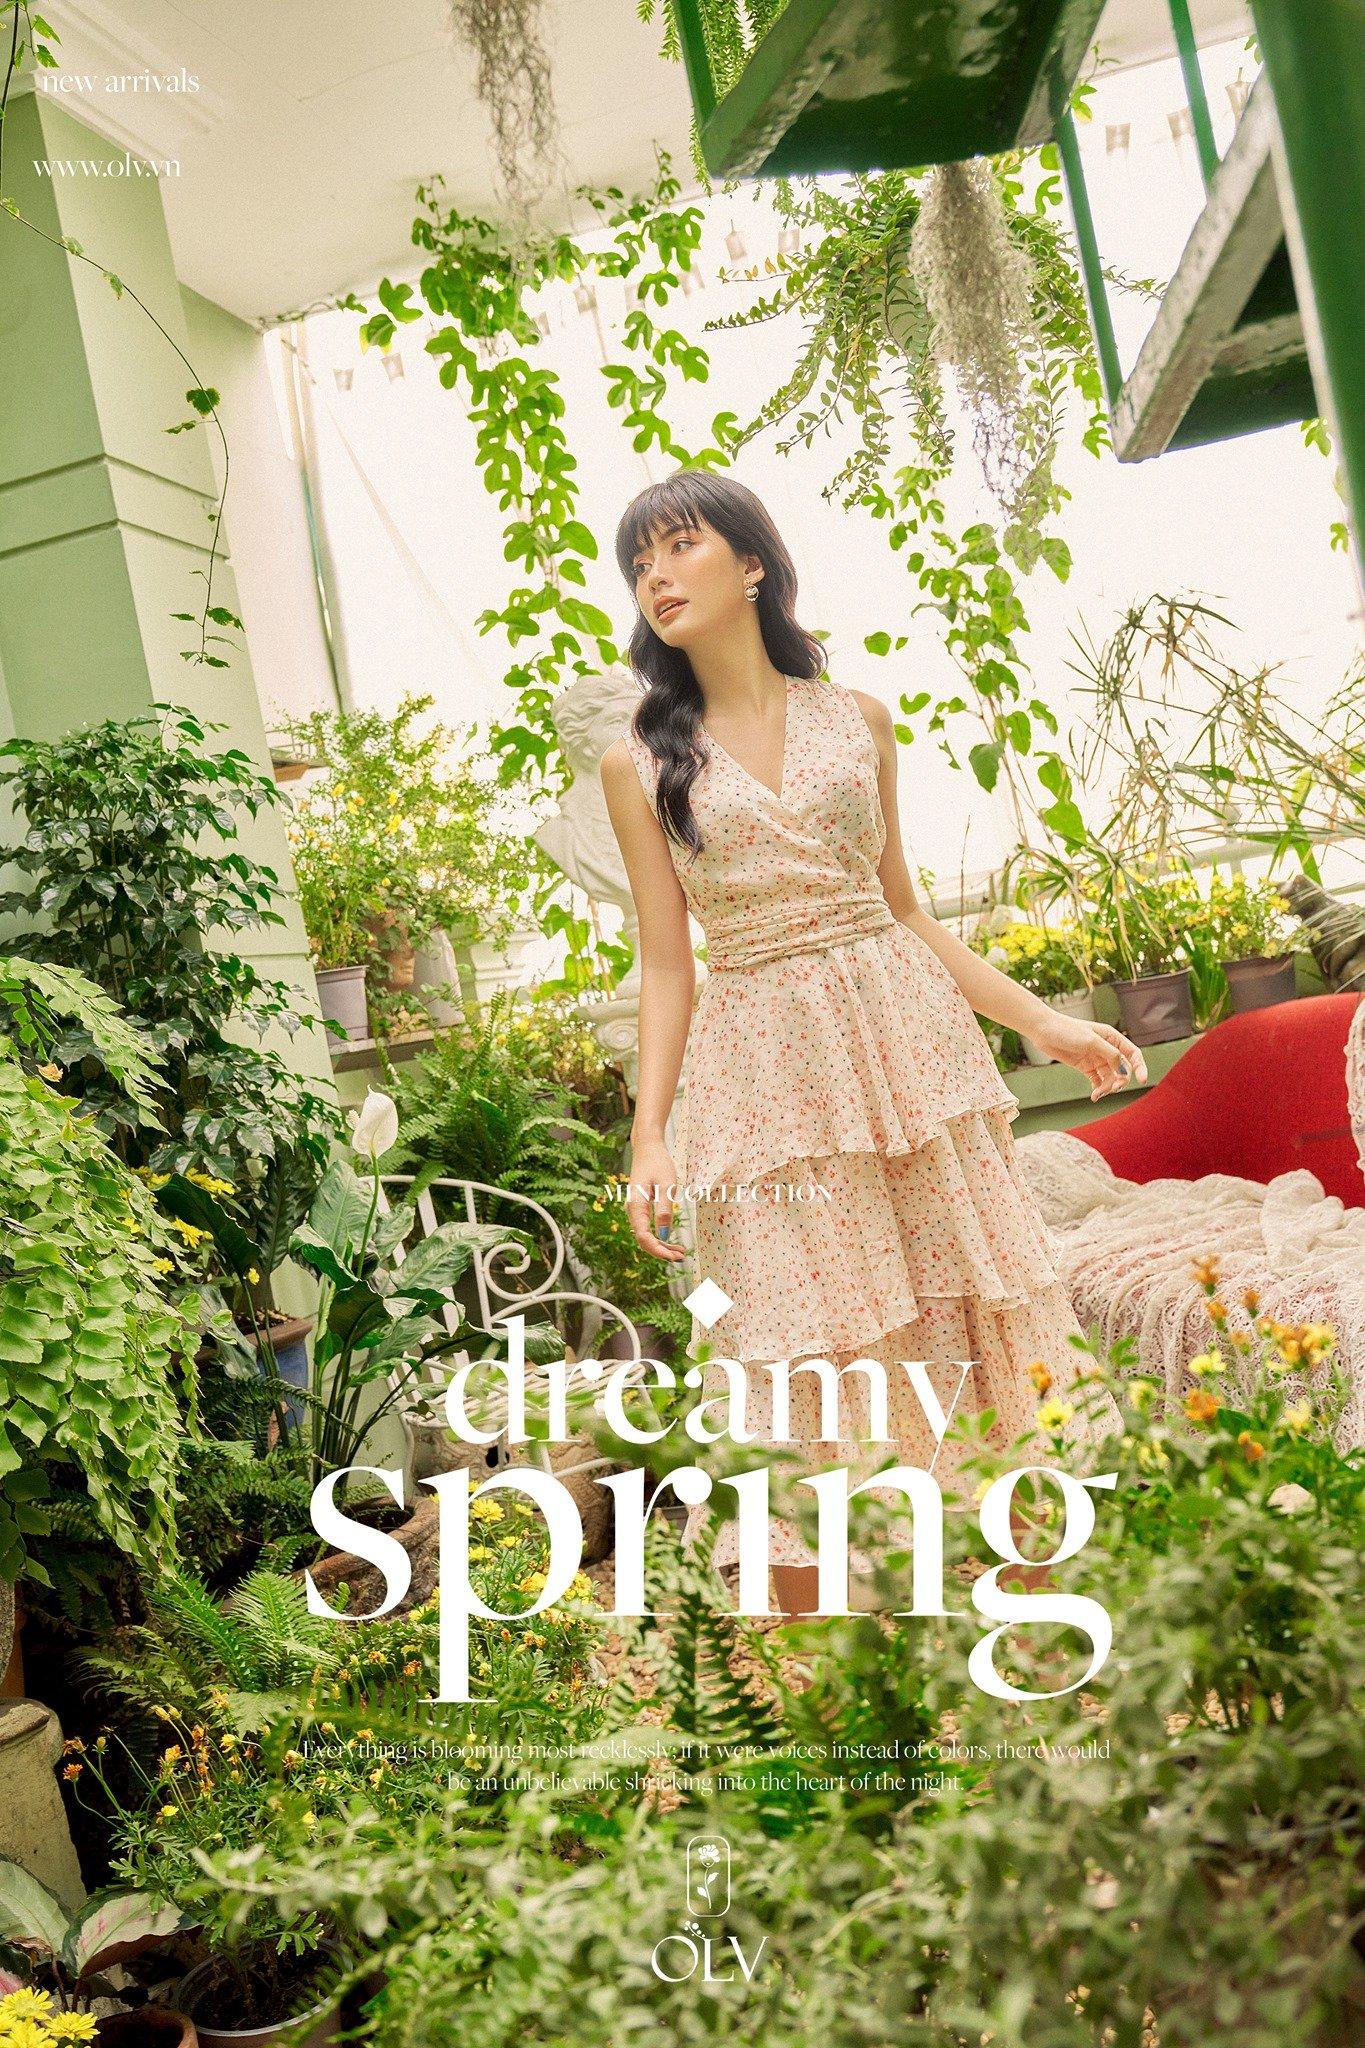 olv mini lookbook dreamy spring